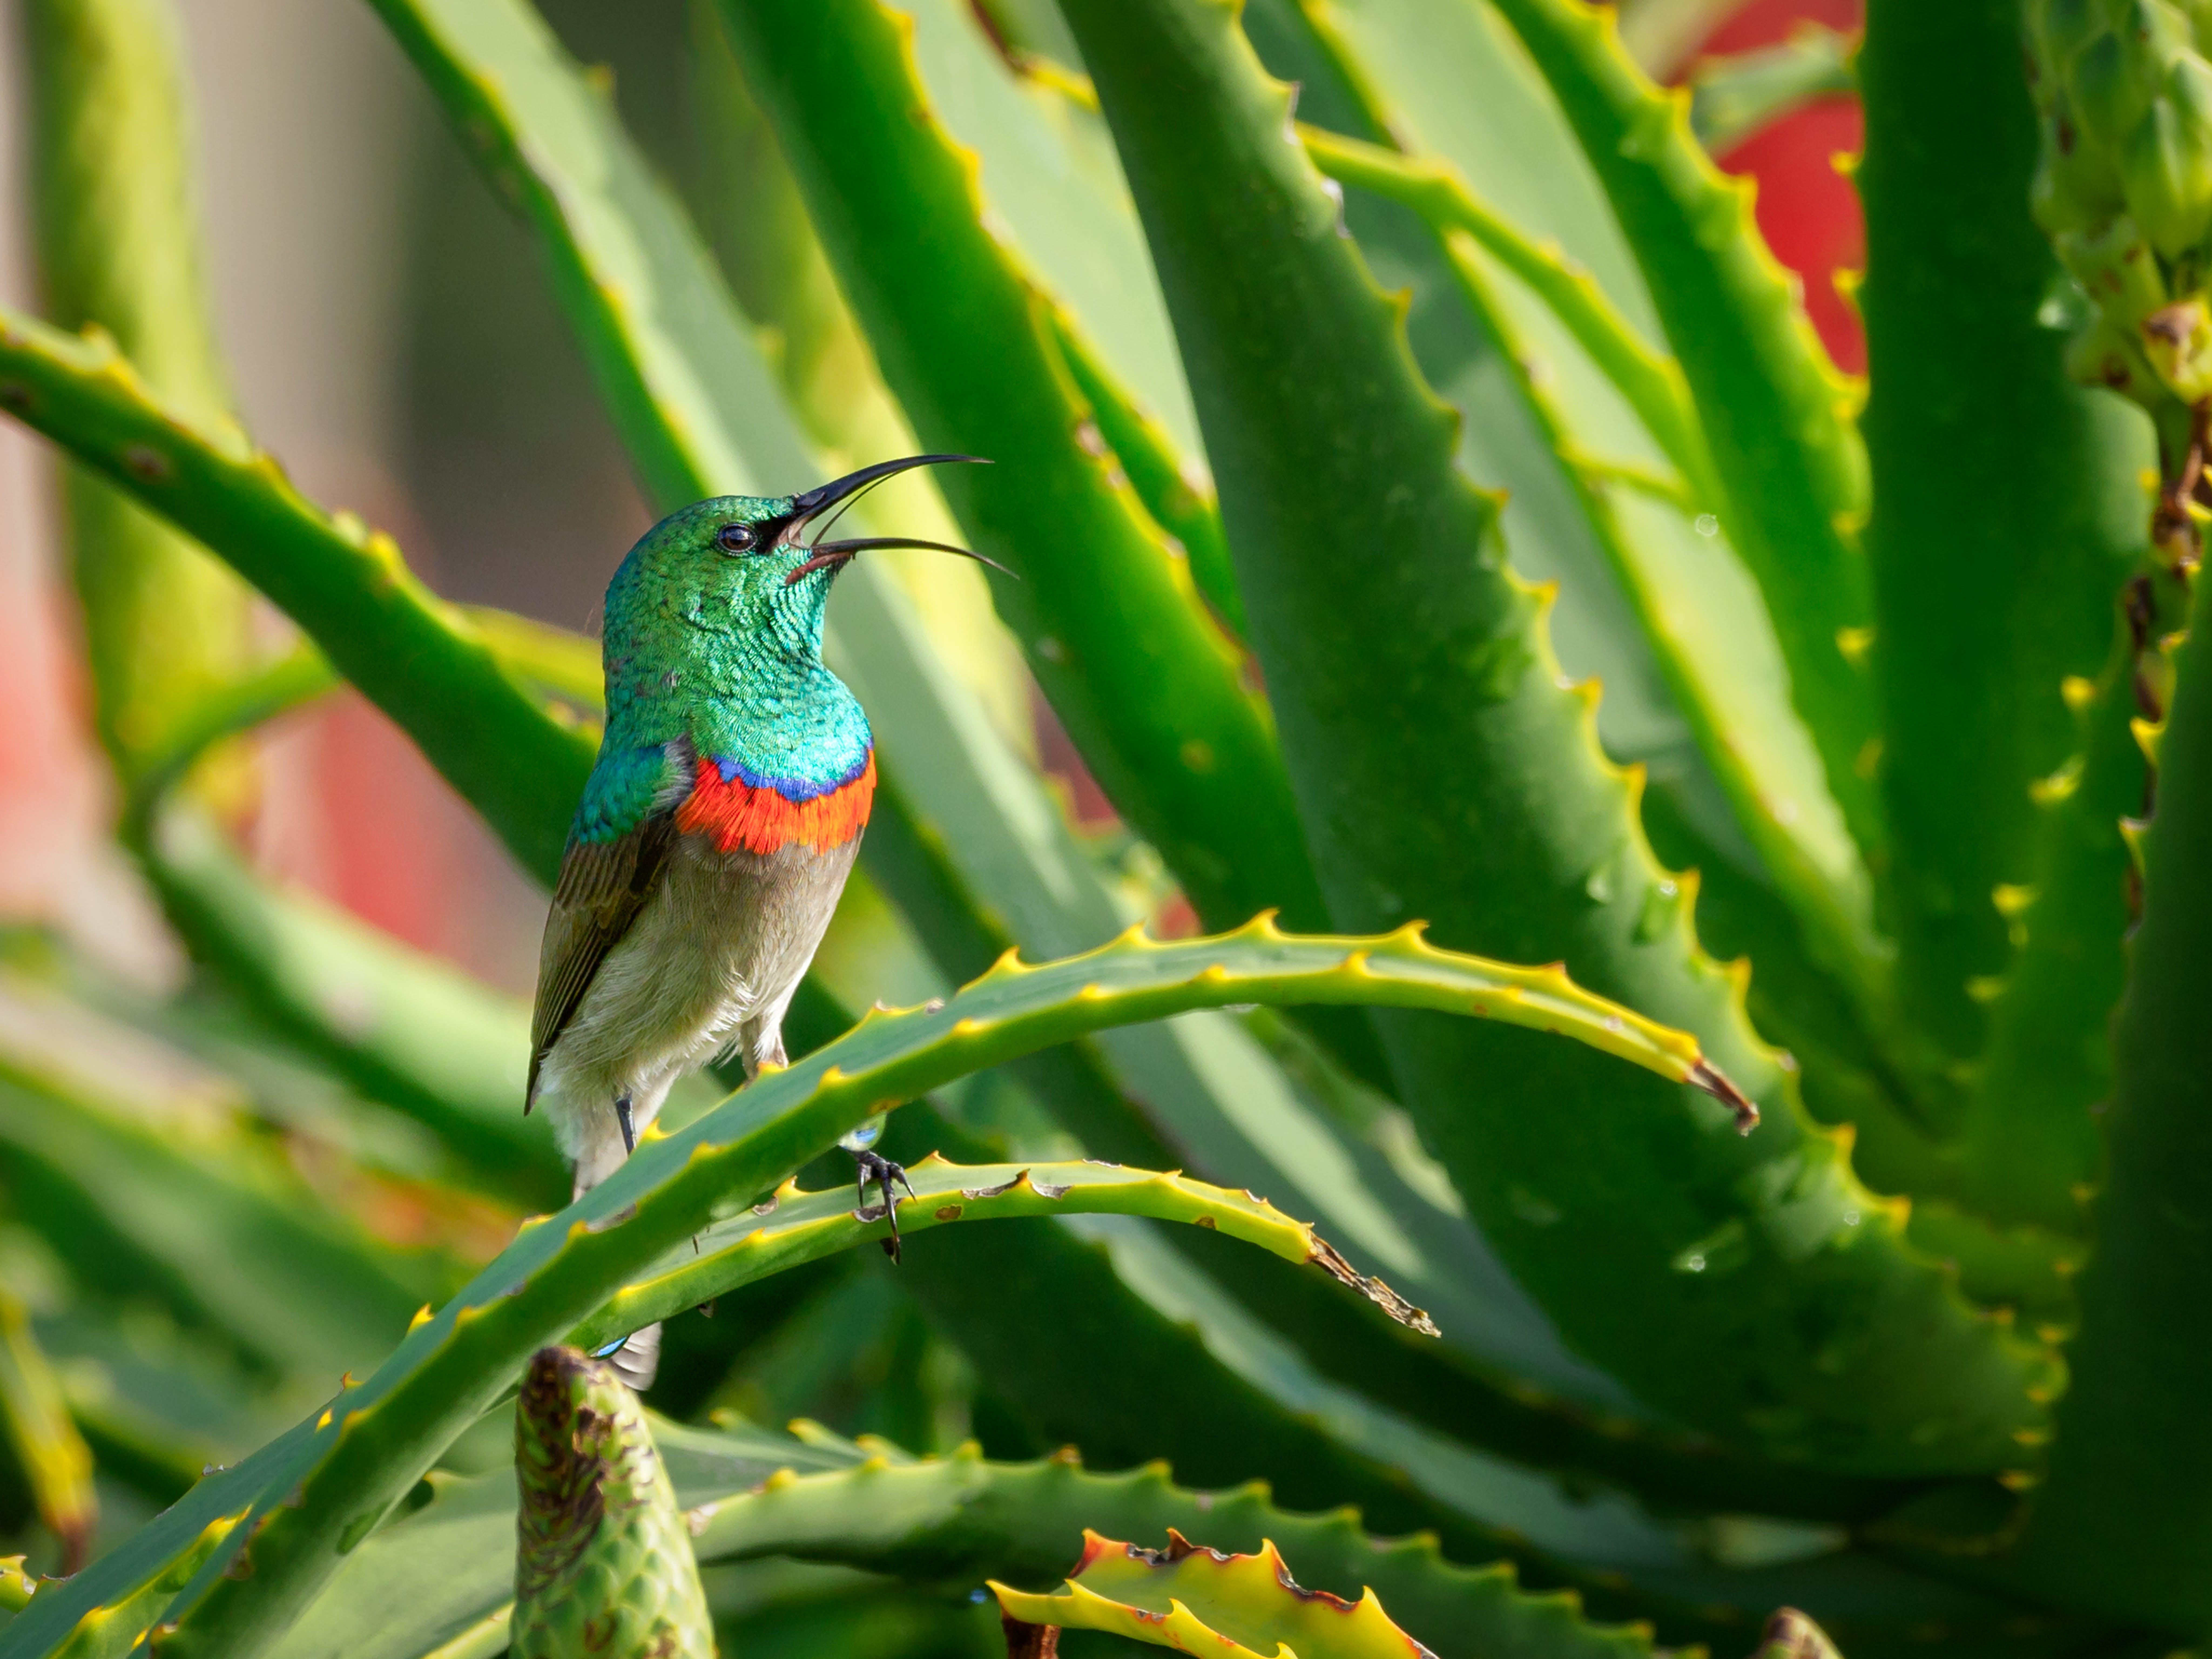 Green and Gray Bird Perching on Aloe Vera Plant